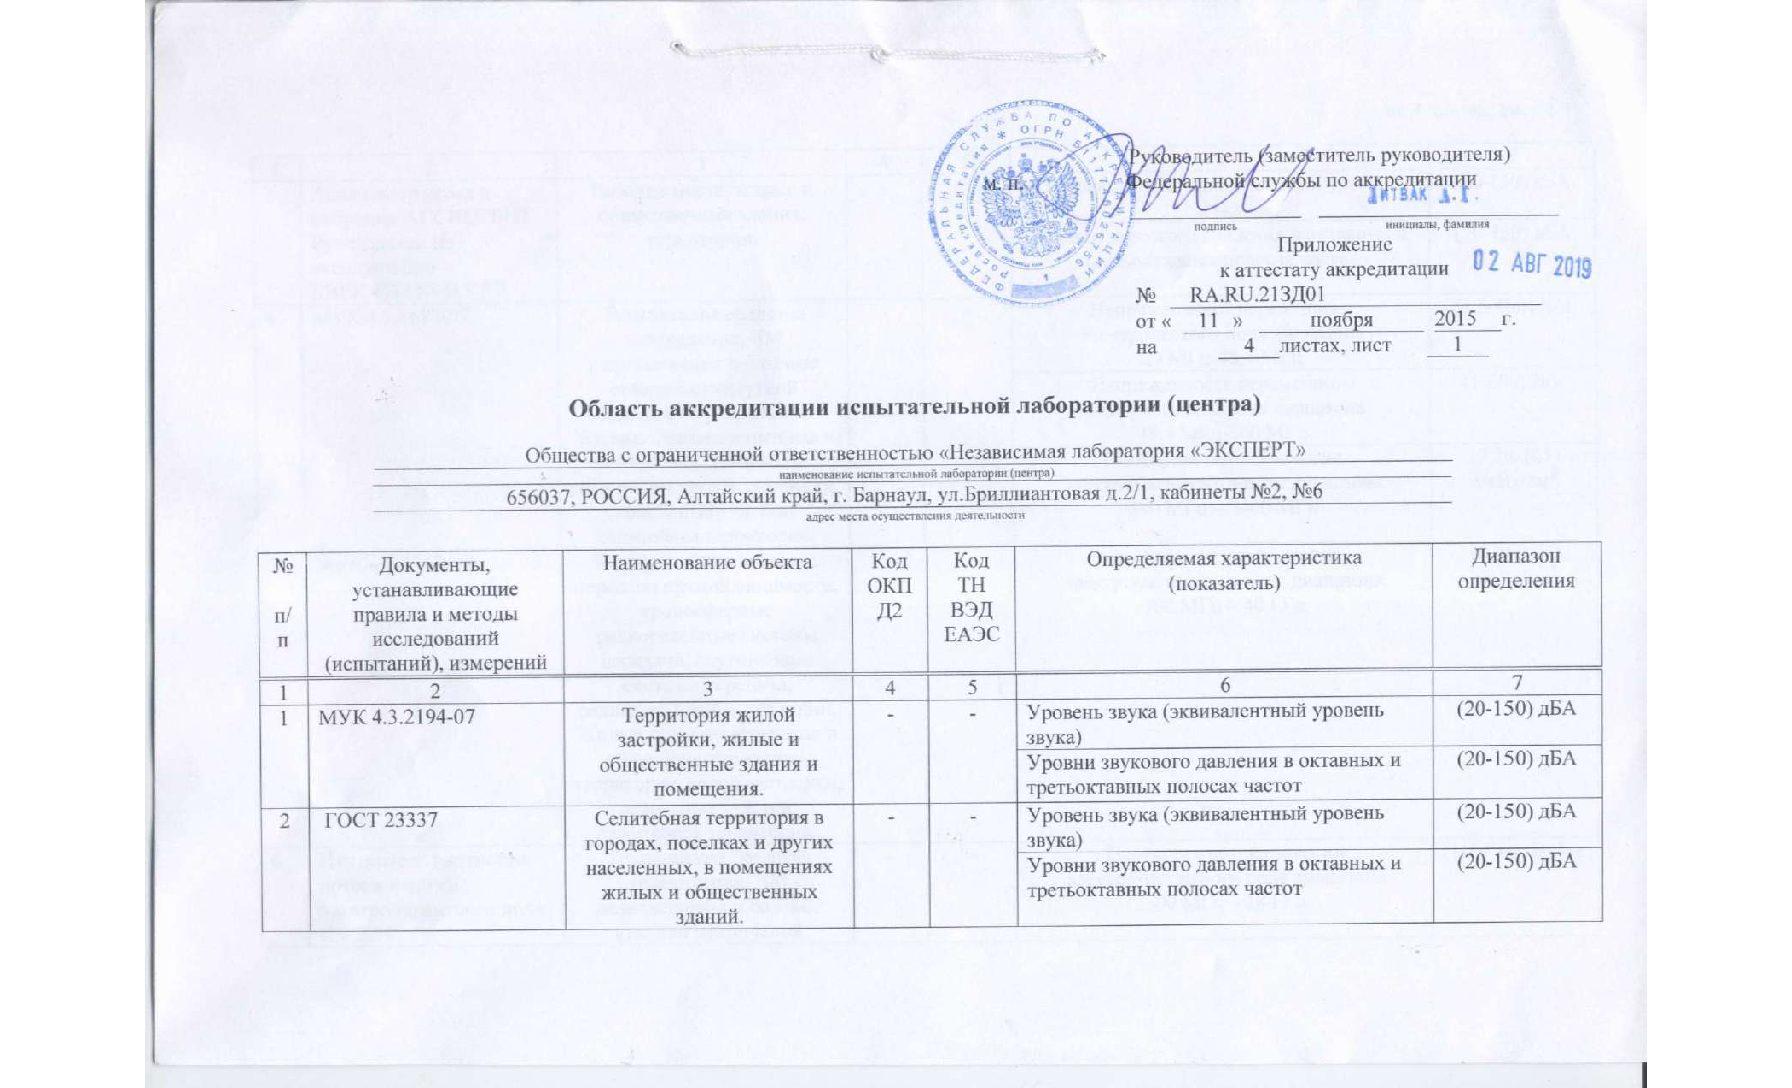 Область аккредитации испытательной лаборатории